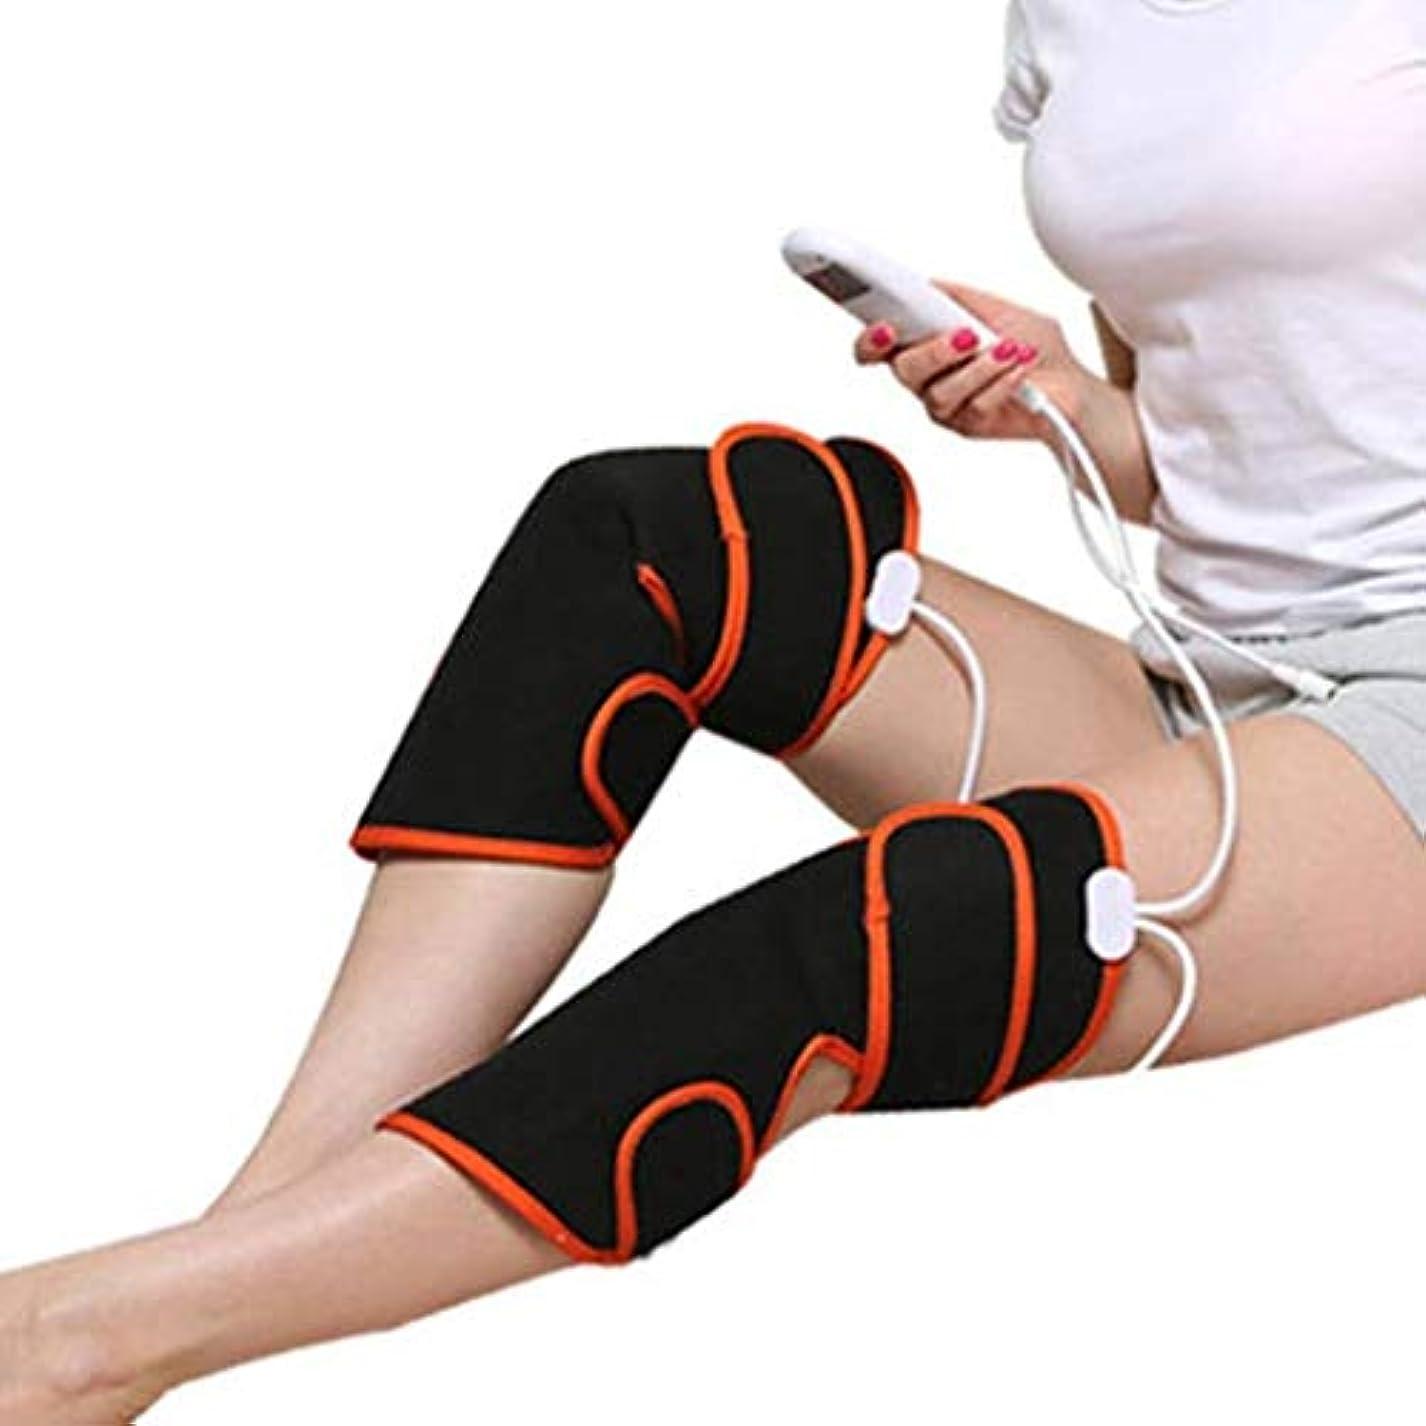 イル雲工場暖房付き膝マッサージャー、電動バイブレーションマッサージャー、膝マッサージャーを定期的に加熱できます、筋肉の痛みを緩和するモード、9モード、冷たい脚、骨過形成患者、術後リハビリ